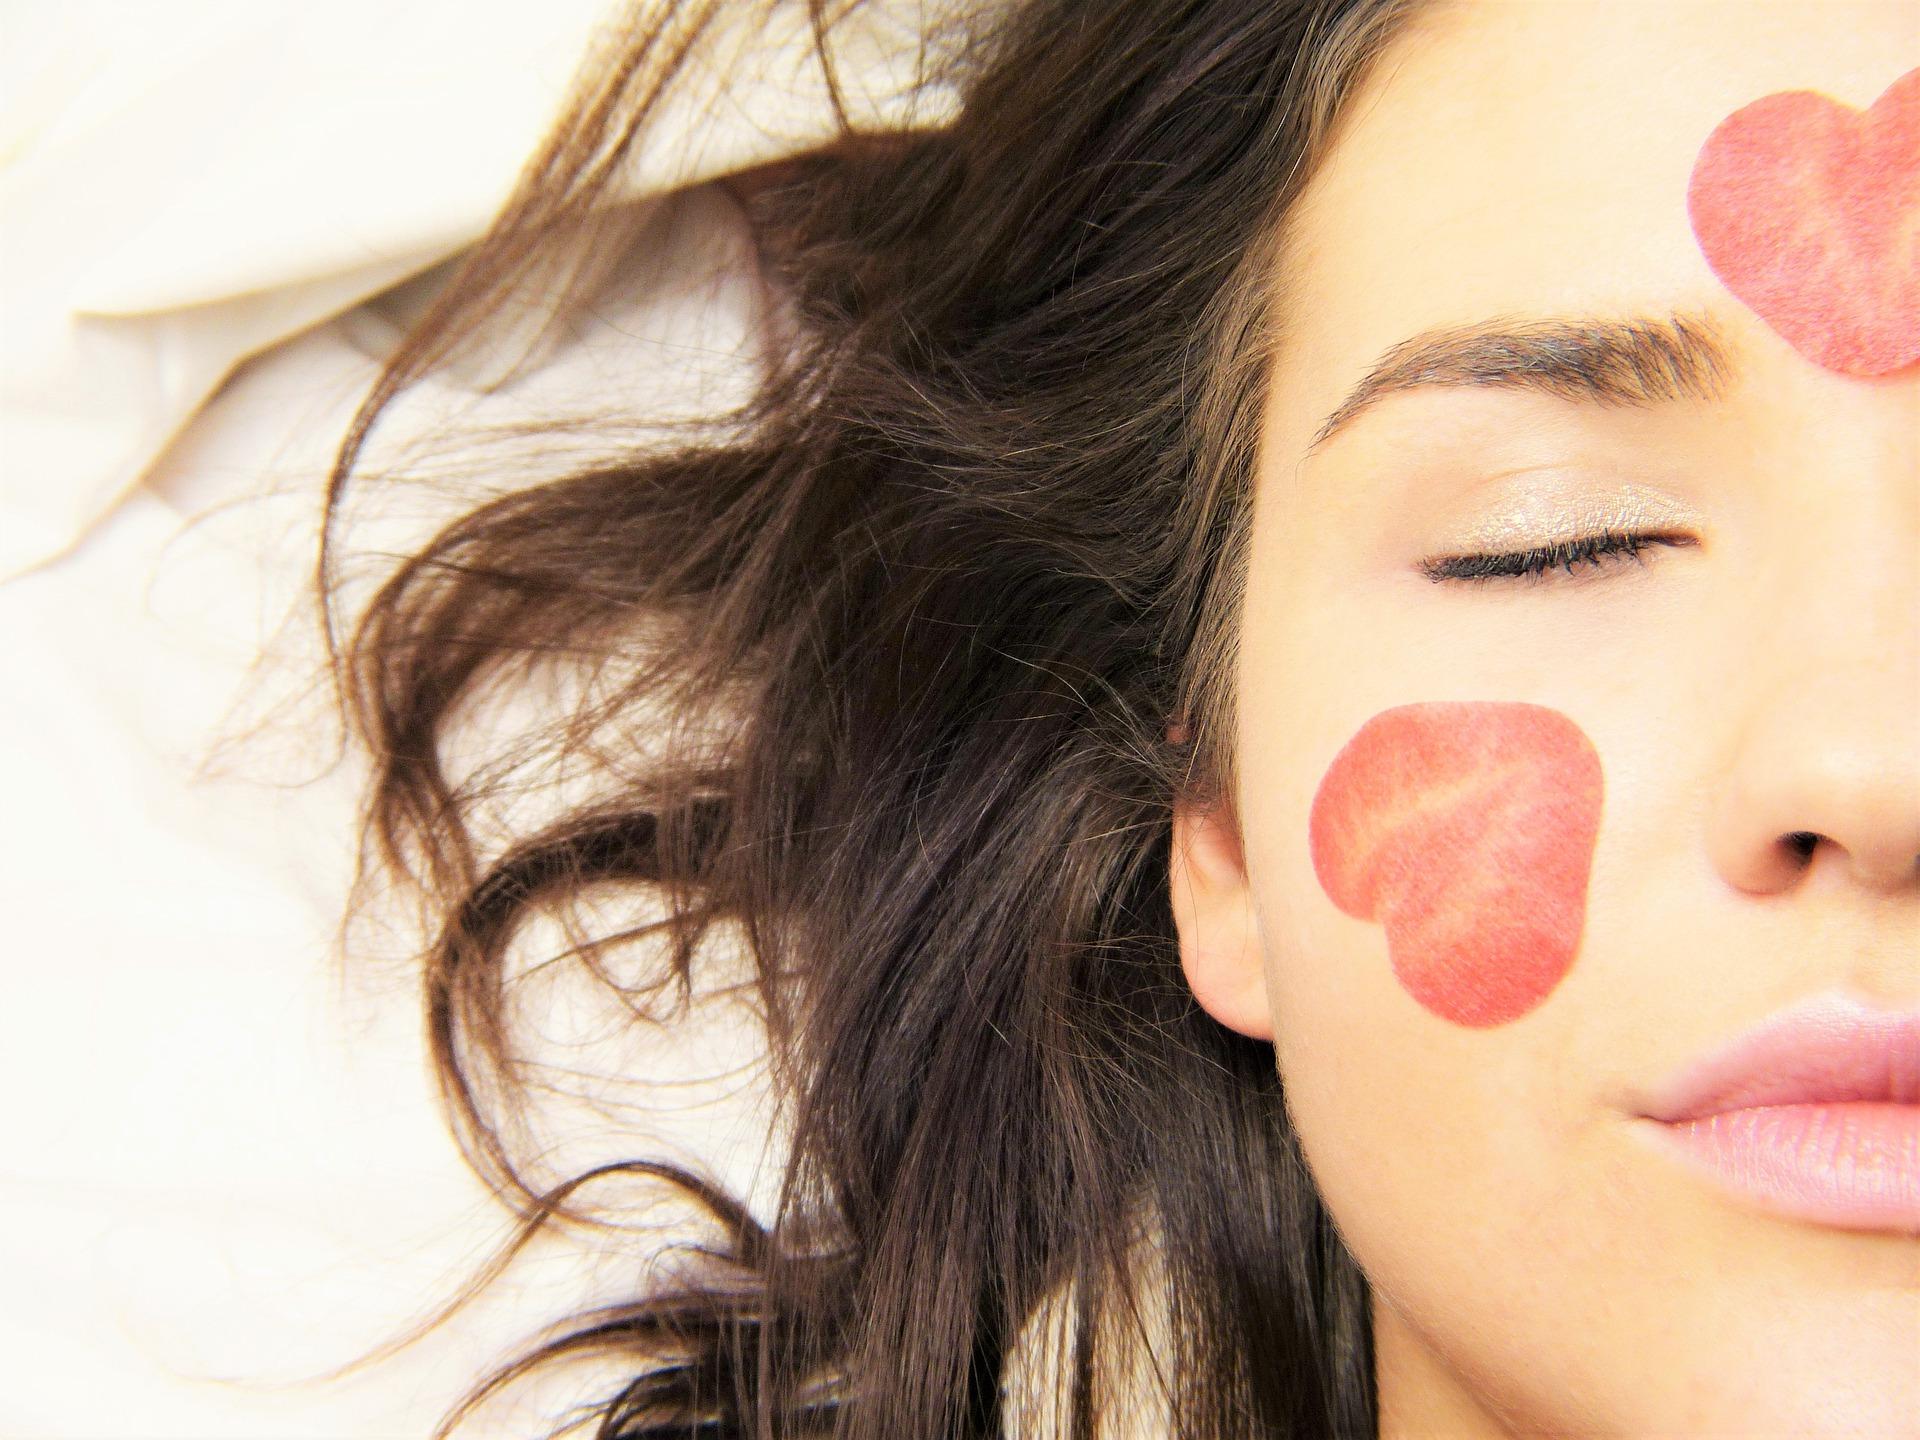 Comment prendre soin de mon visage pour lutter contre les effets du temps ? 3